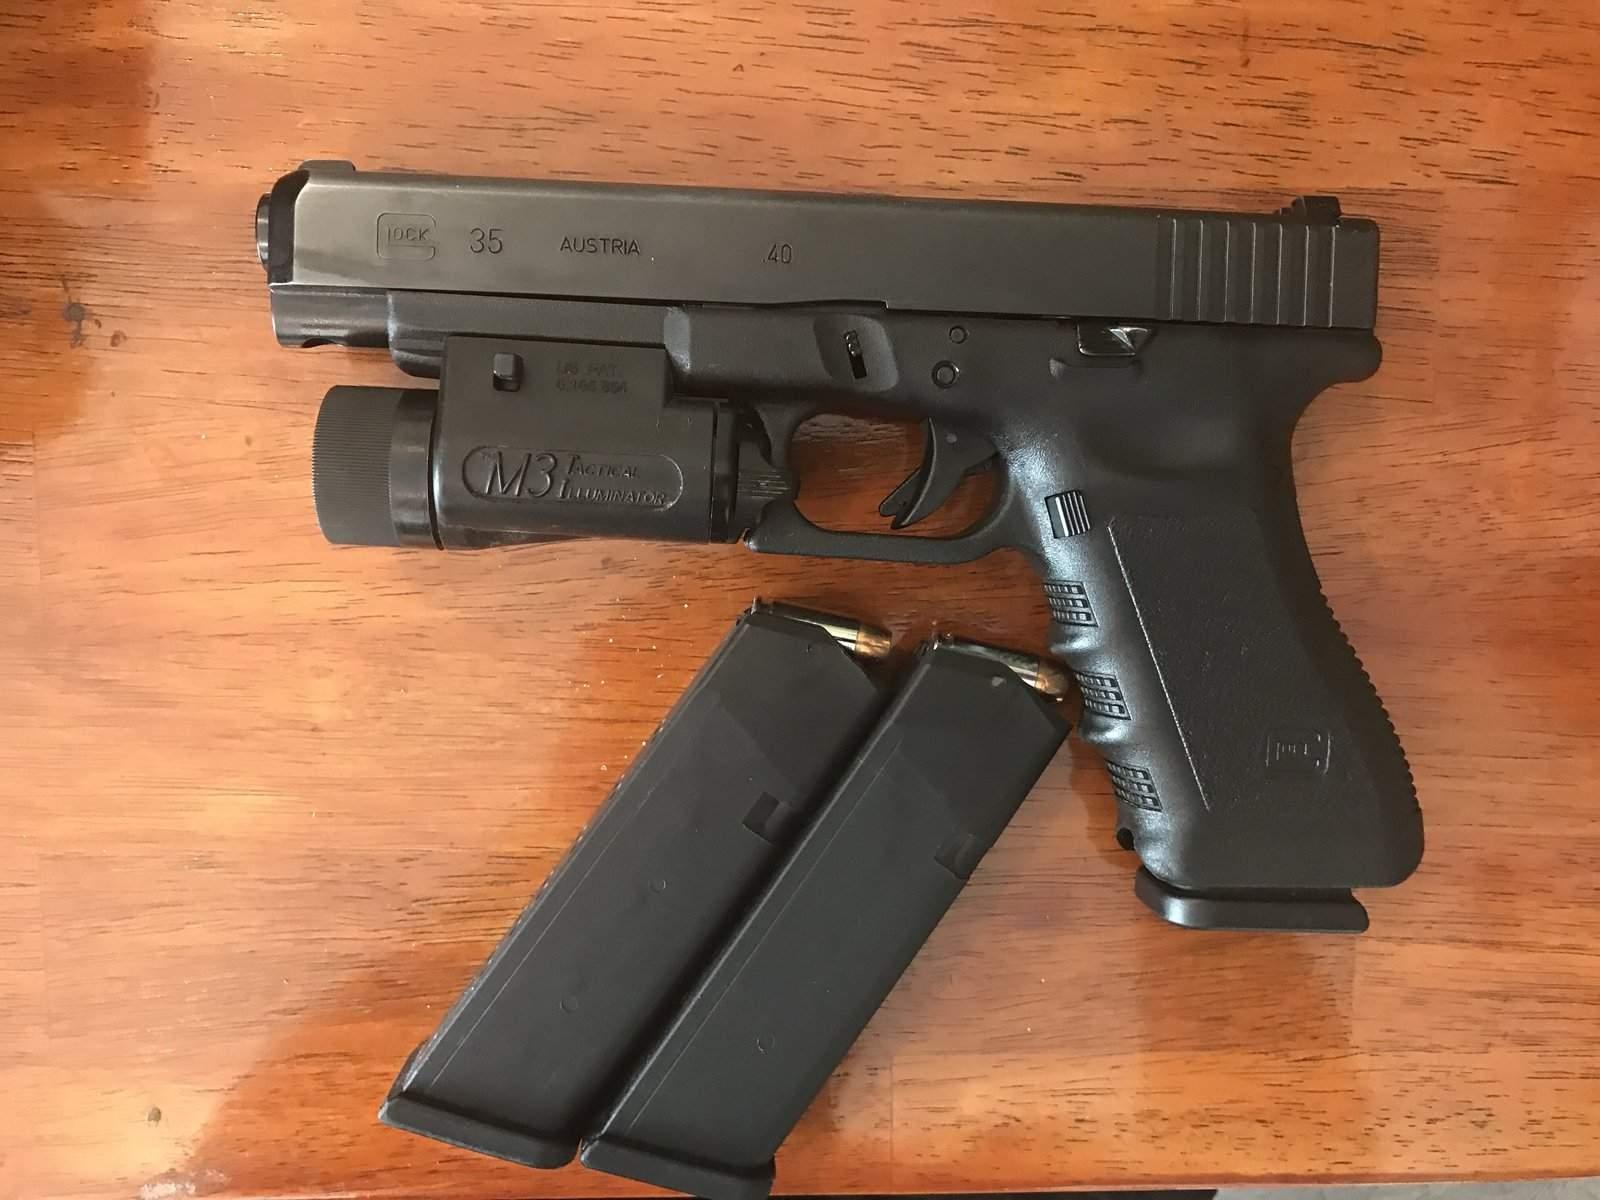 WTS WA - GLOCK 35 w/LIGHT & HOLSTER | Northwest Firearms - Oregon